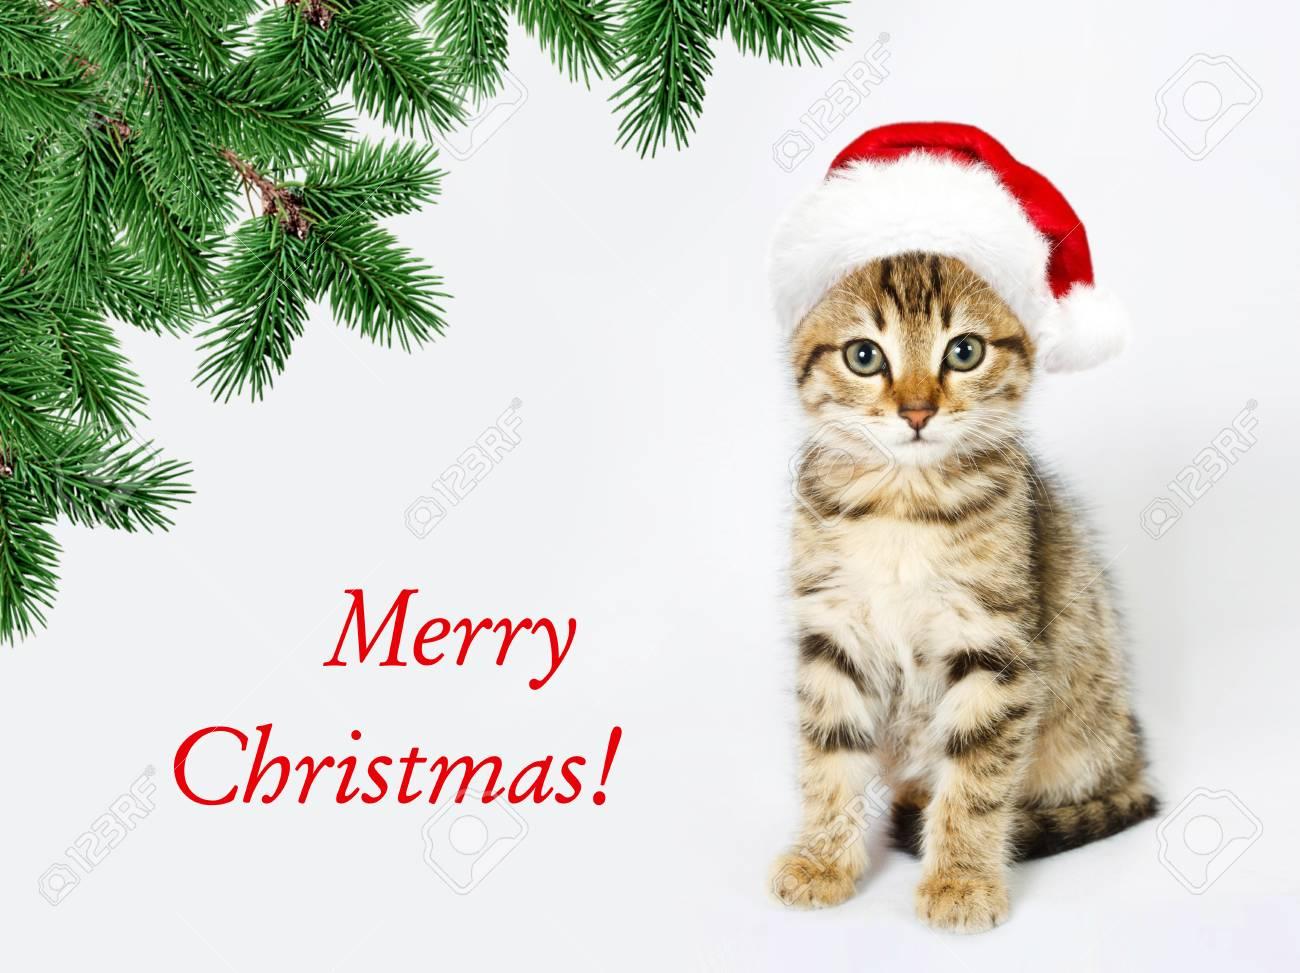 Kätzchen In Einem Roten Sankt-Hut. Frohe Weihnachten, Frohes Neues ...